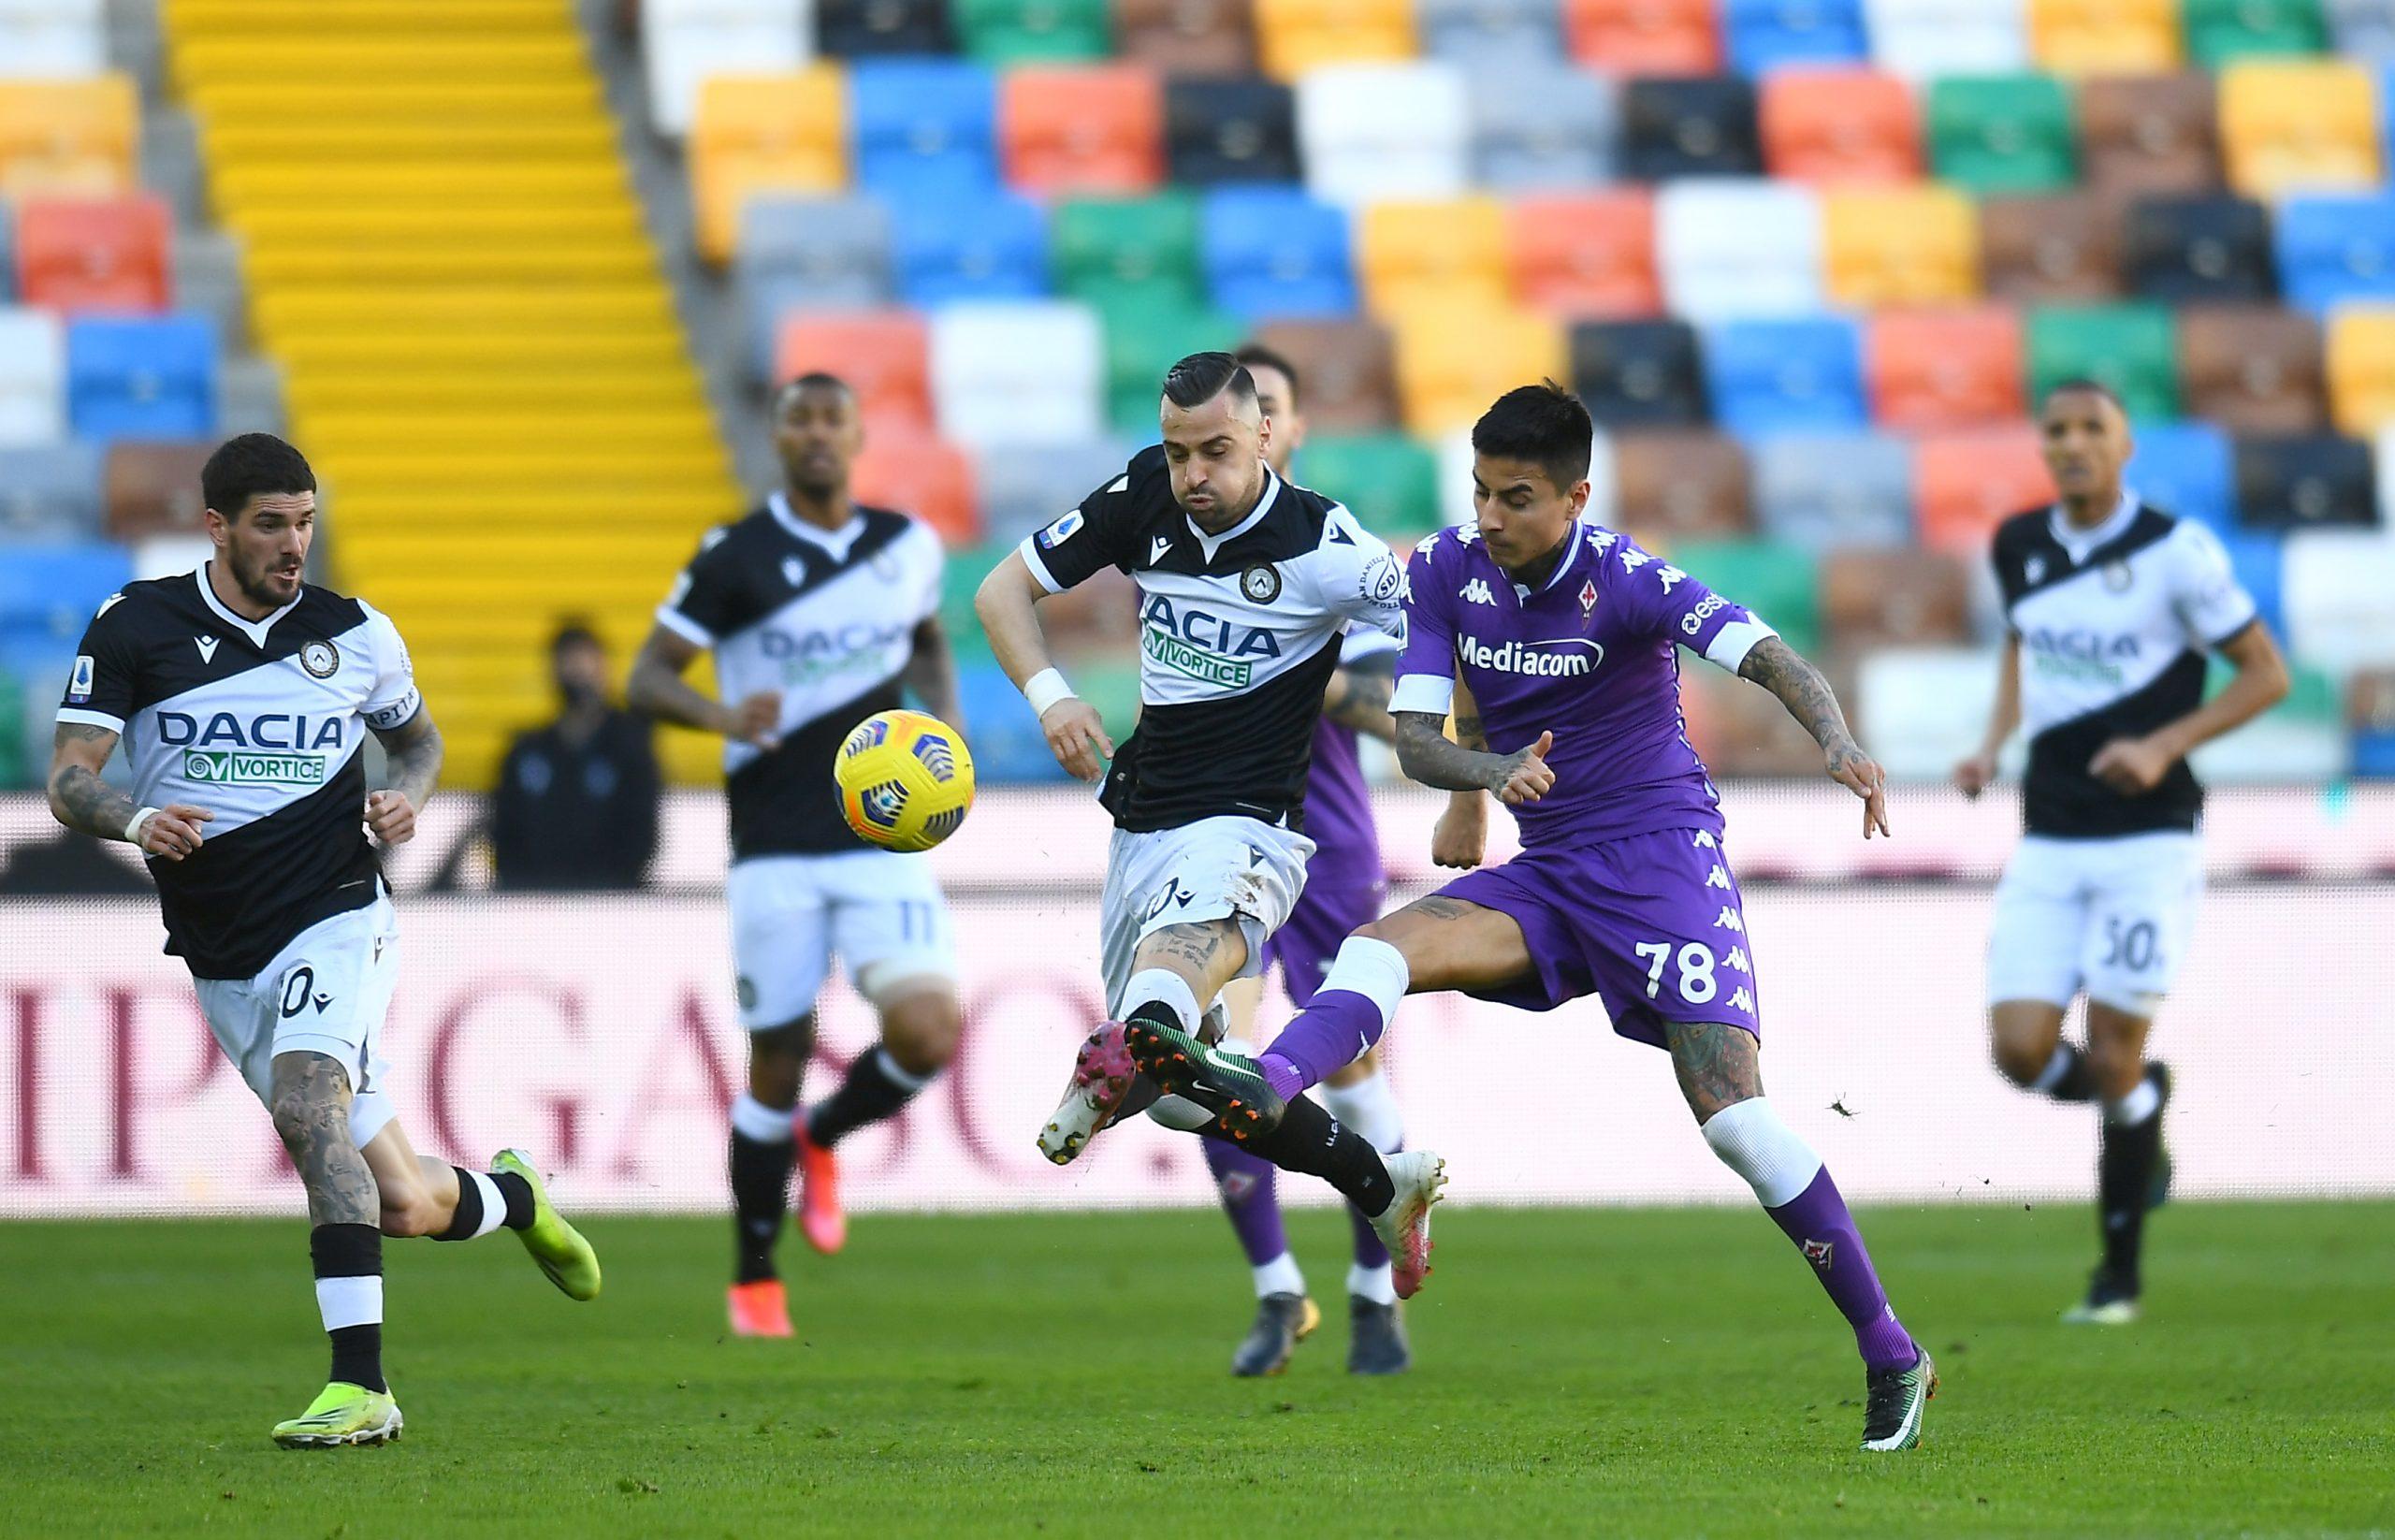 Udinese-Fiorentina 1-0: basta un guizzo di Nestorovski, i viola tornano a tremare